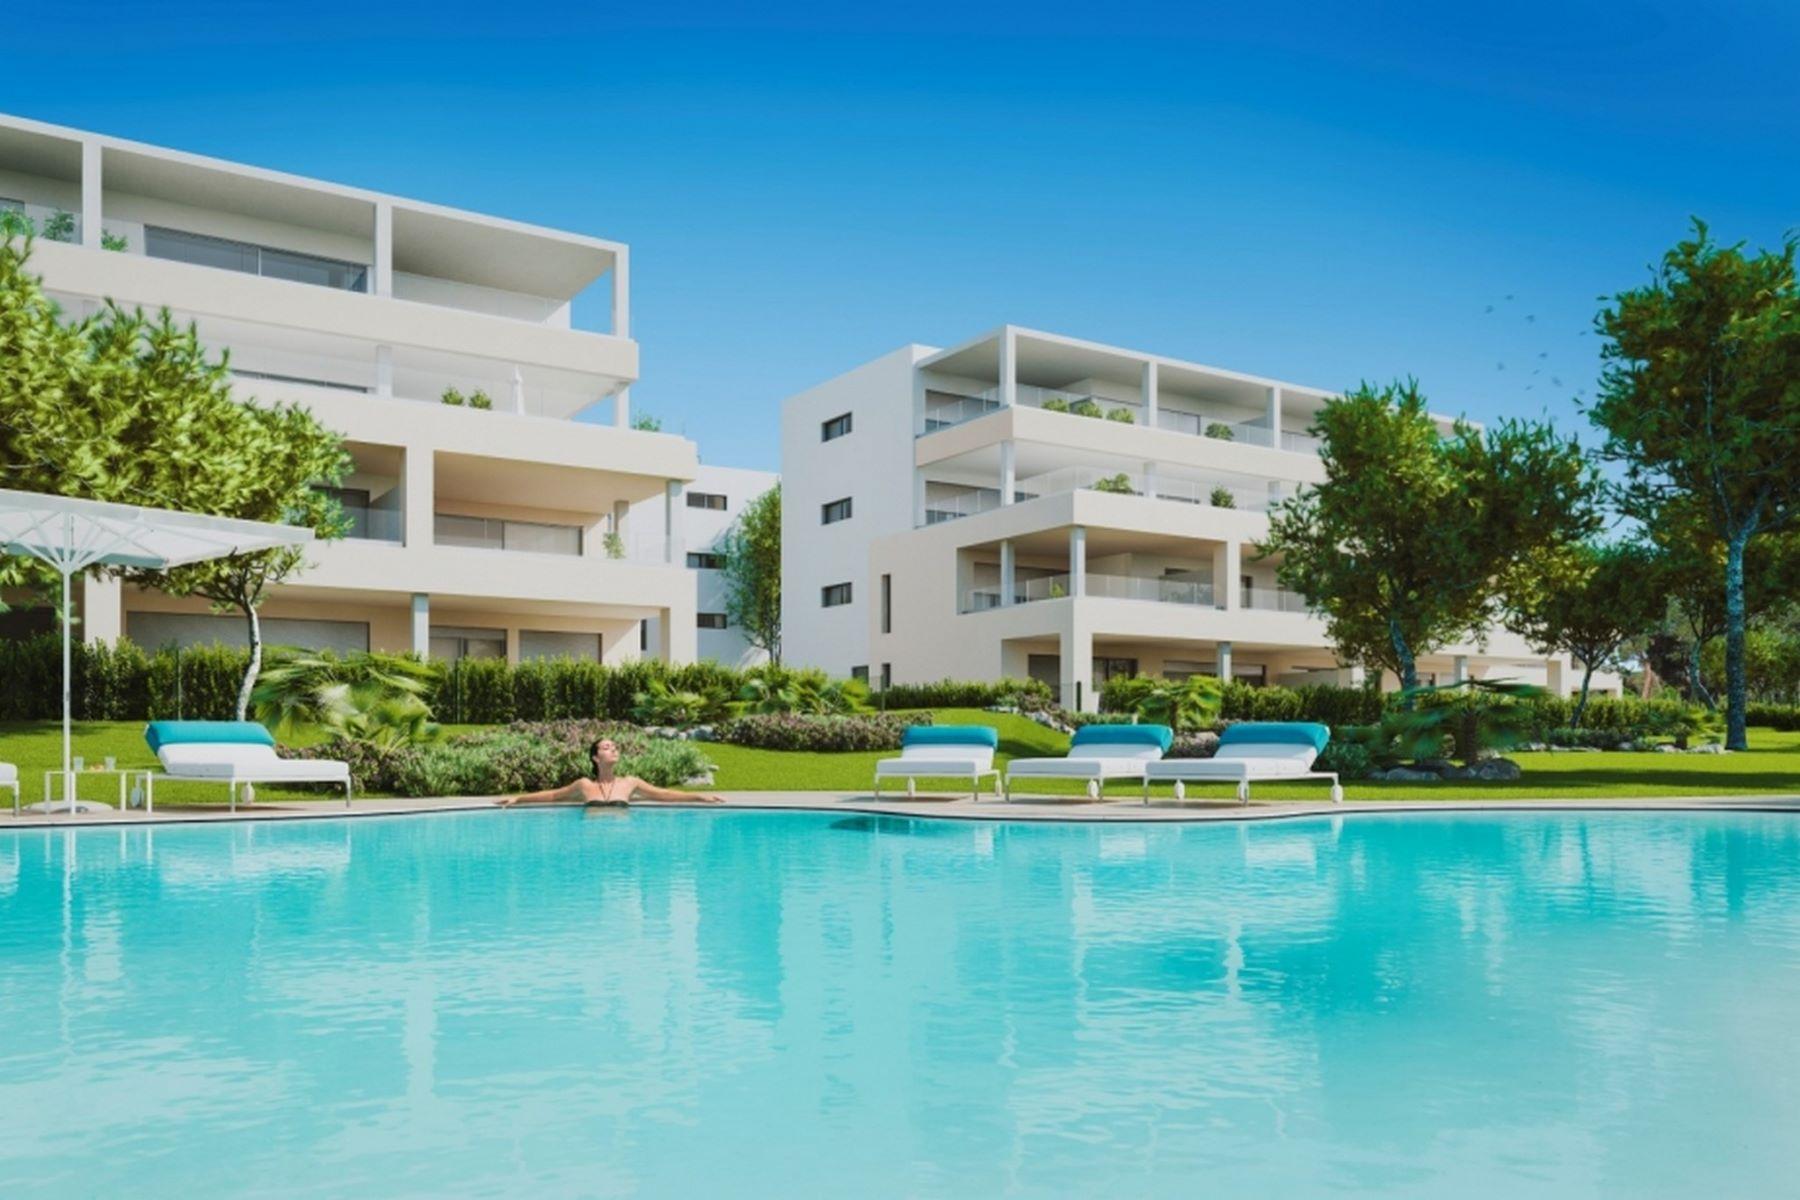 شقة للـ Sale في New luxury apartments in Nova Santa Ponsa Santa Ponsa, Balearic Islands, Spain